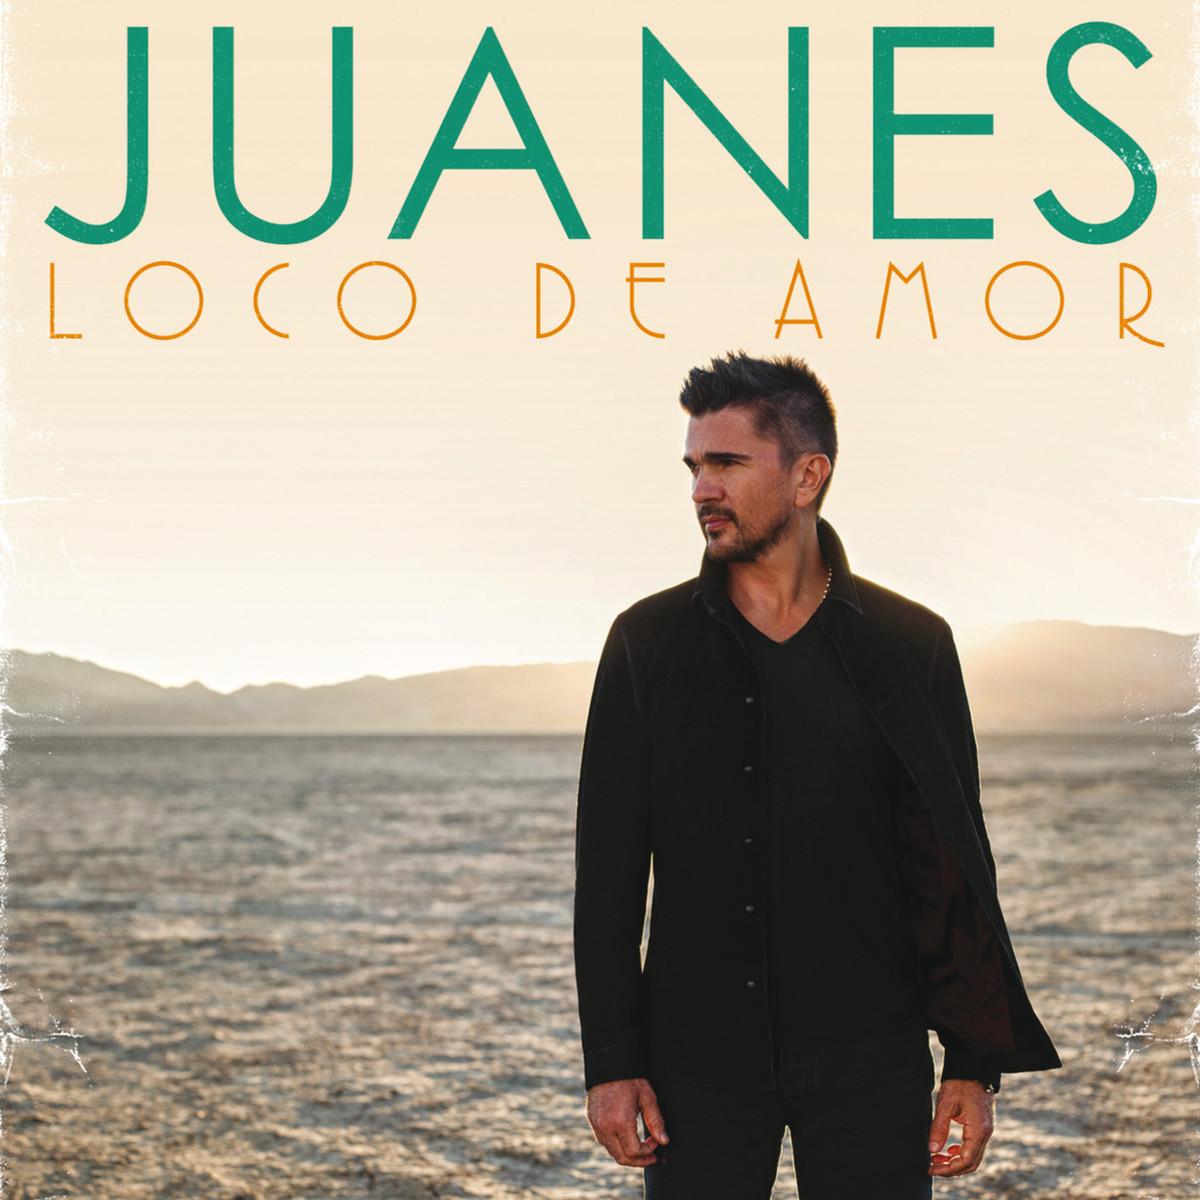 Juanes - Loco De Amor (AE)